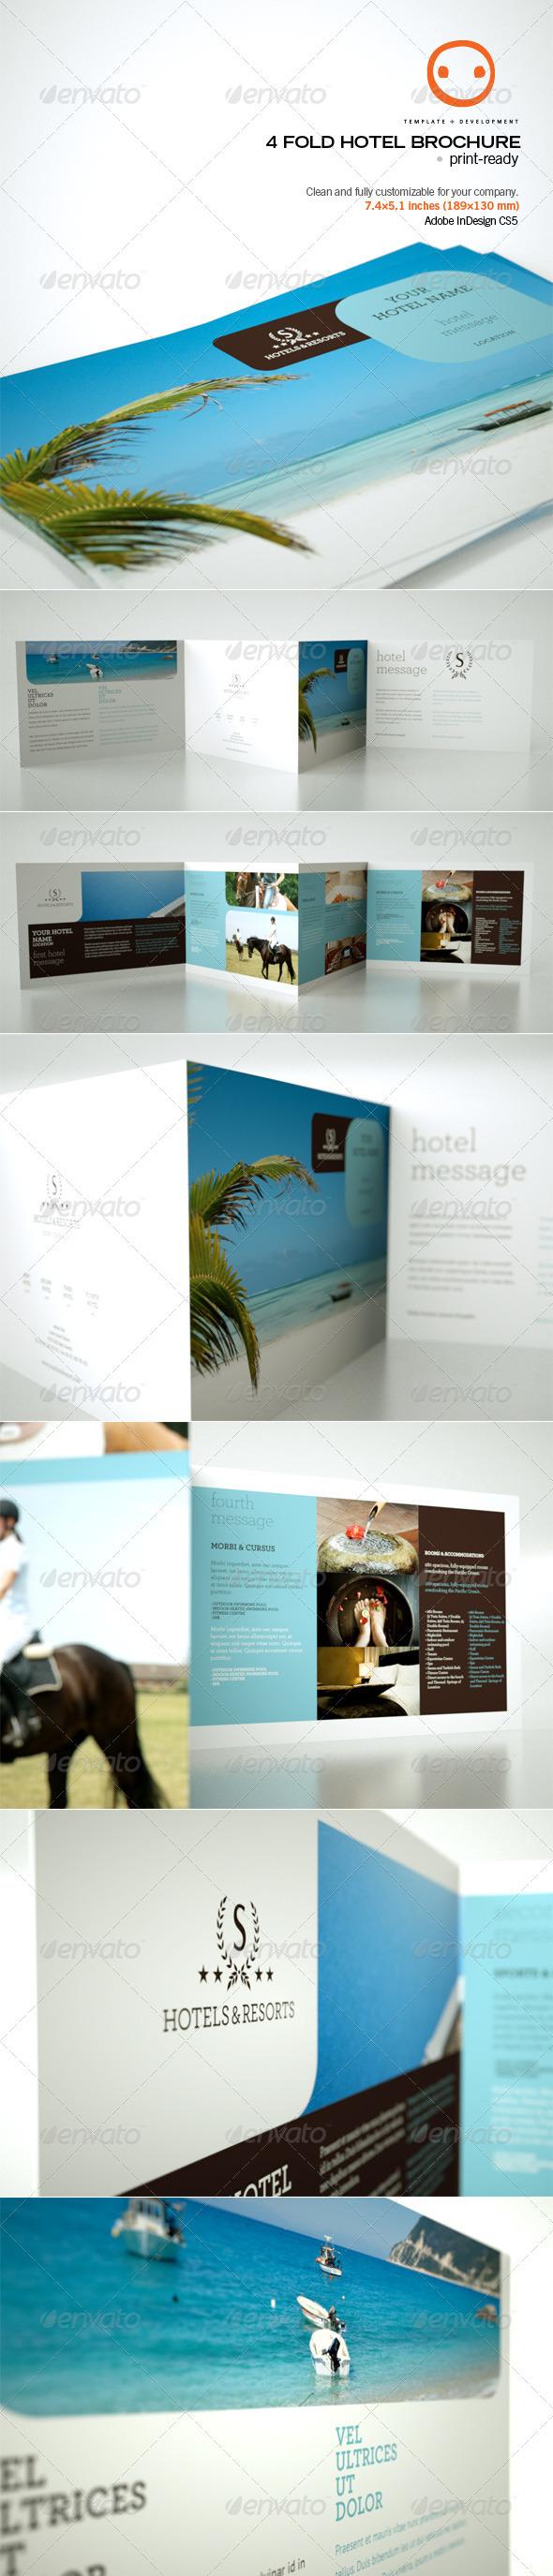 GraphicRiver 4 Fold Hotel Brochure 537003